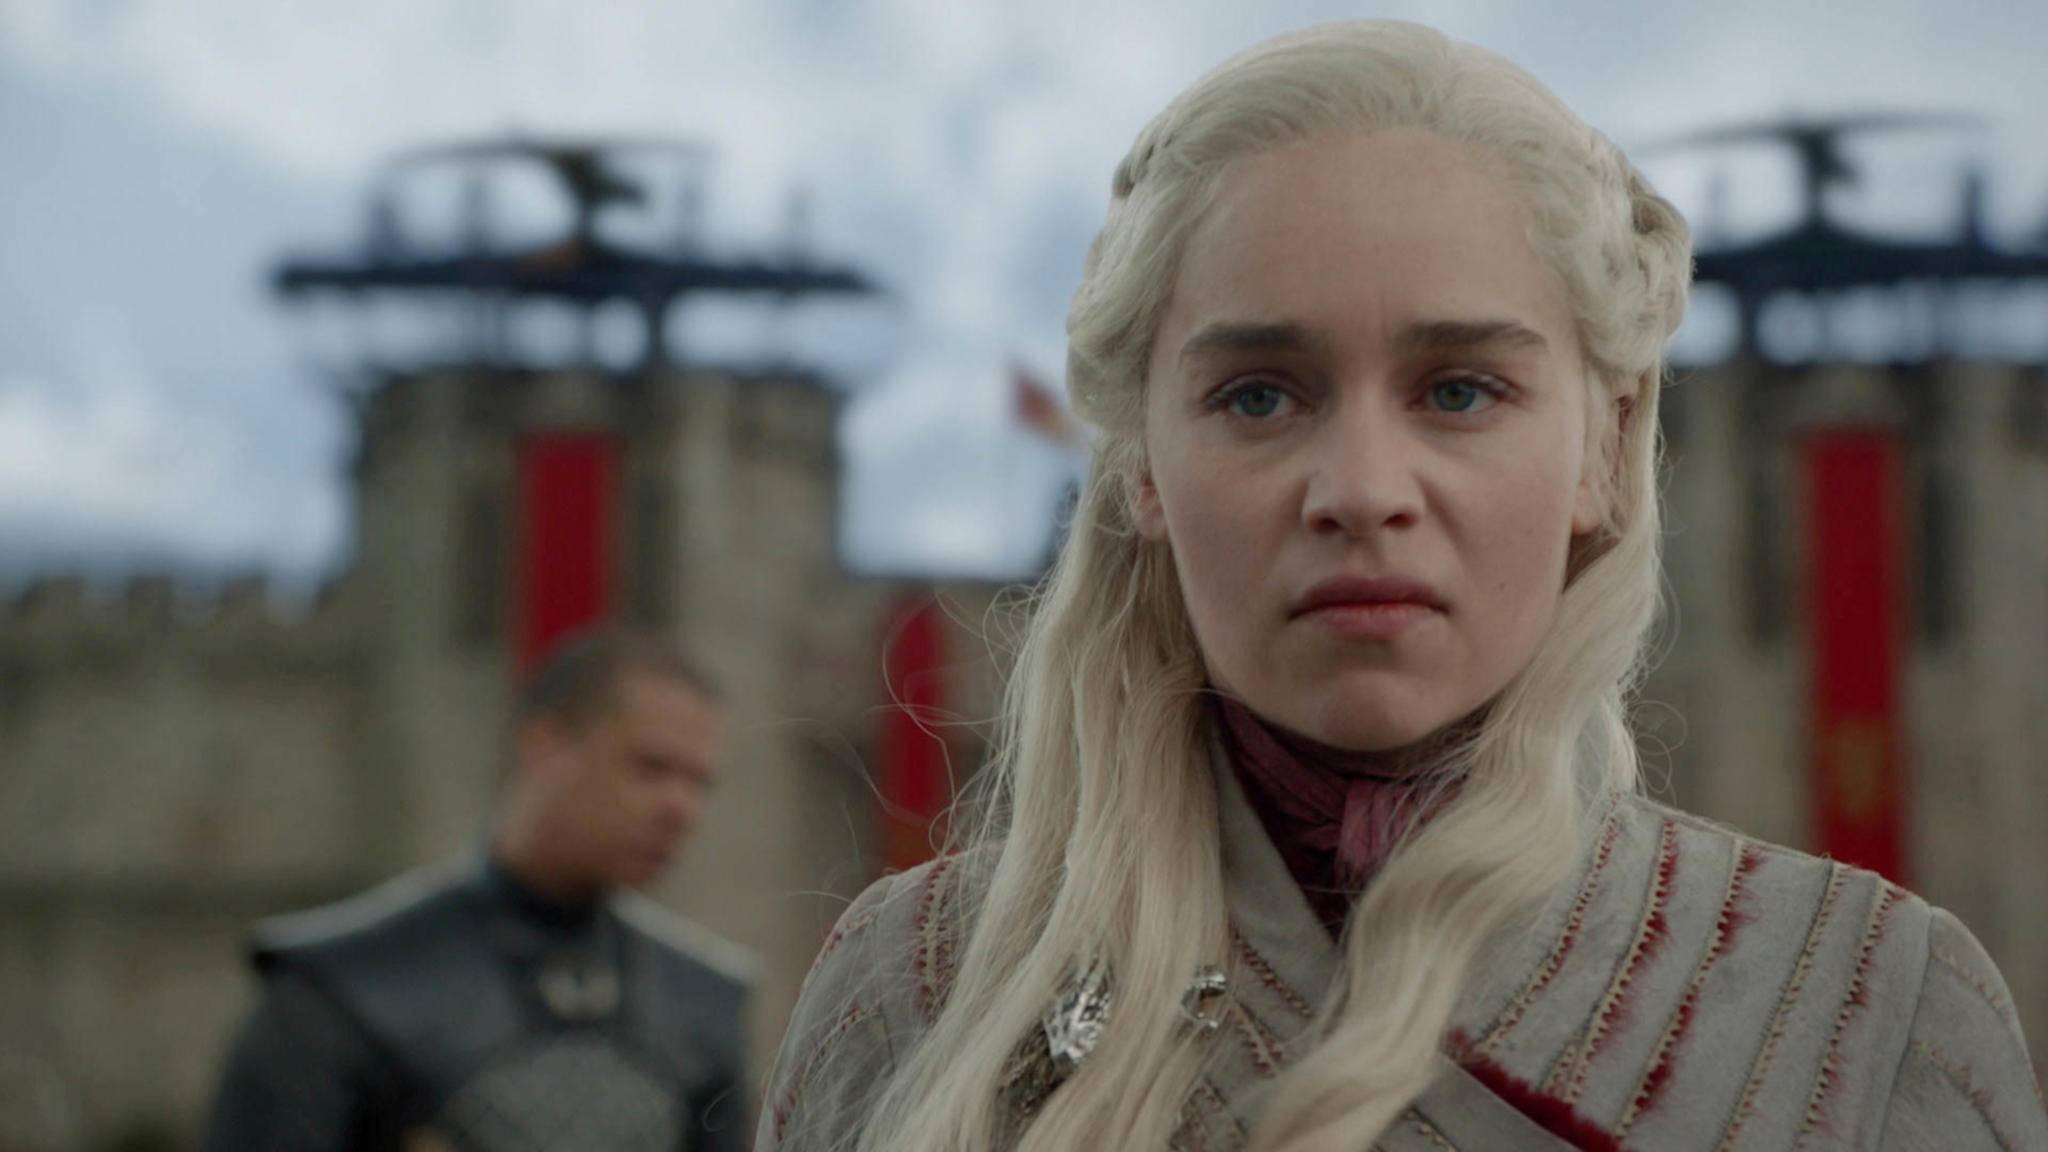 """Nach dem """"Game of Thrones""""-Finale hatte Emilia Clarke gehofft, dass man den Namen Targaryen ganz schnell vergisst. Pustekuchen!"""